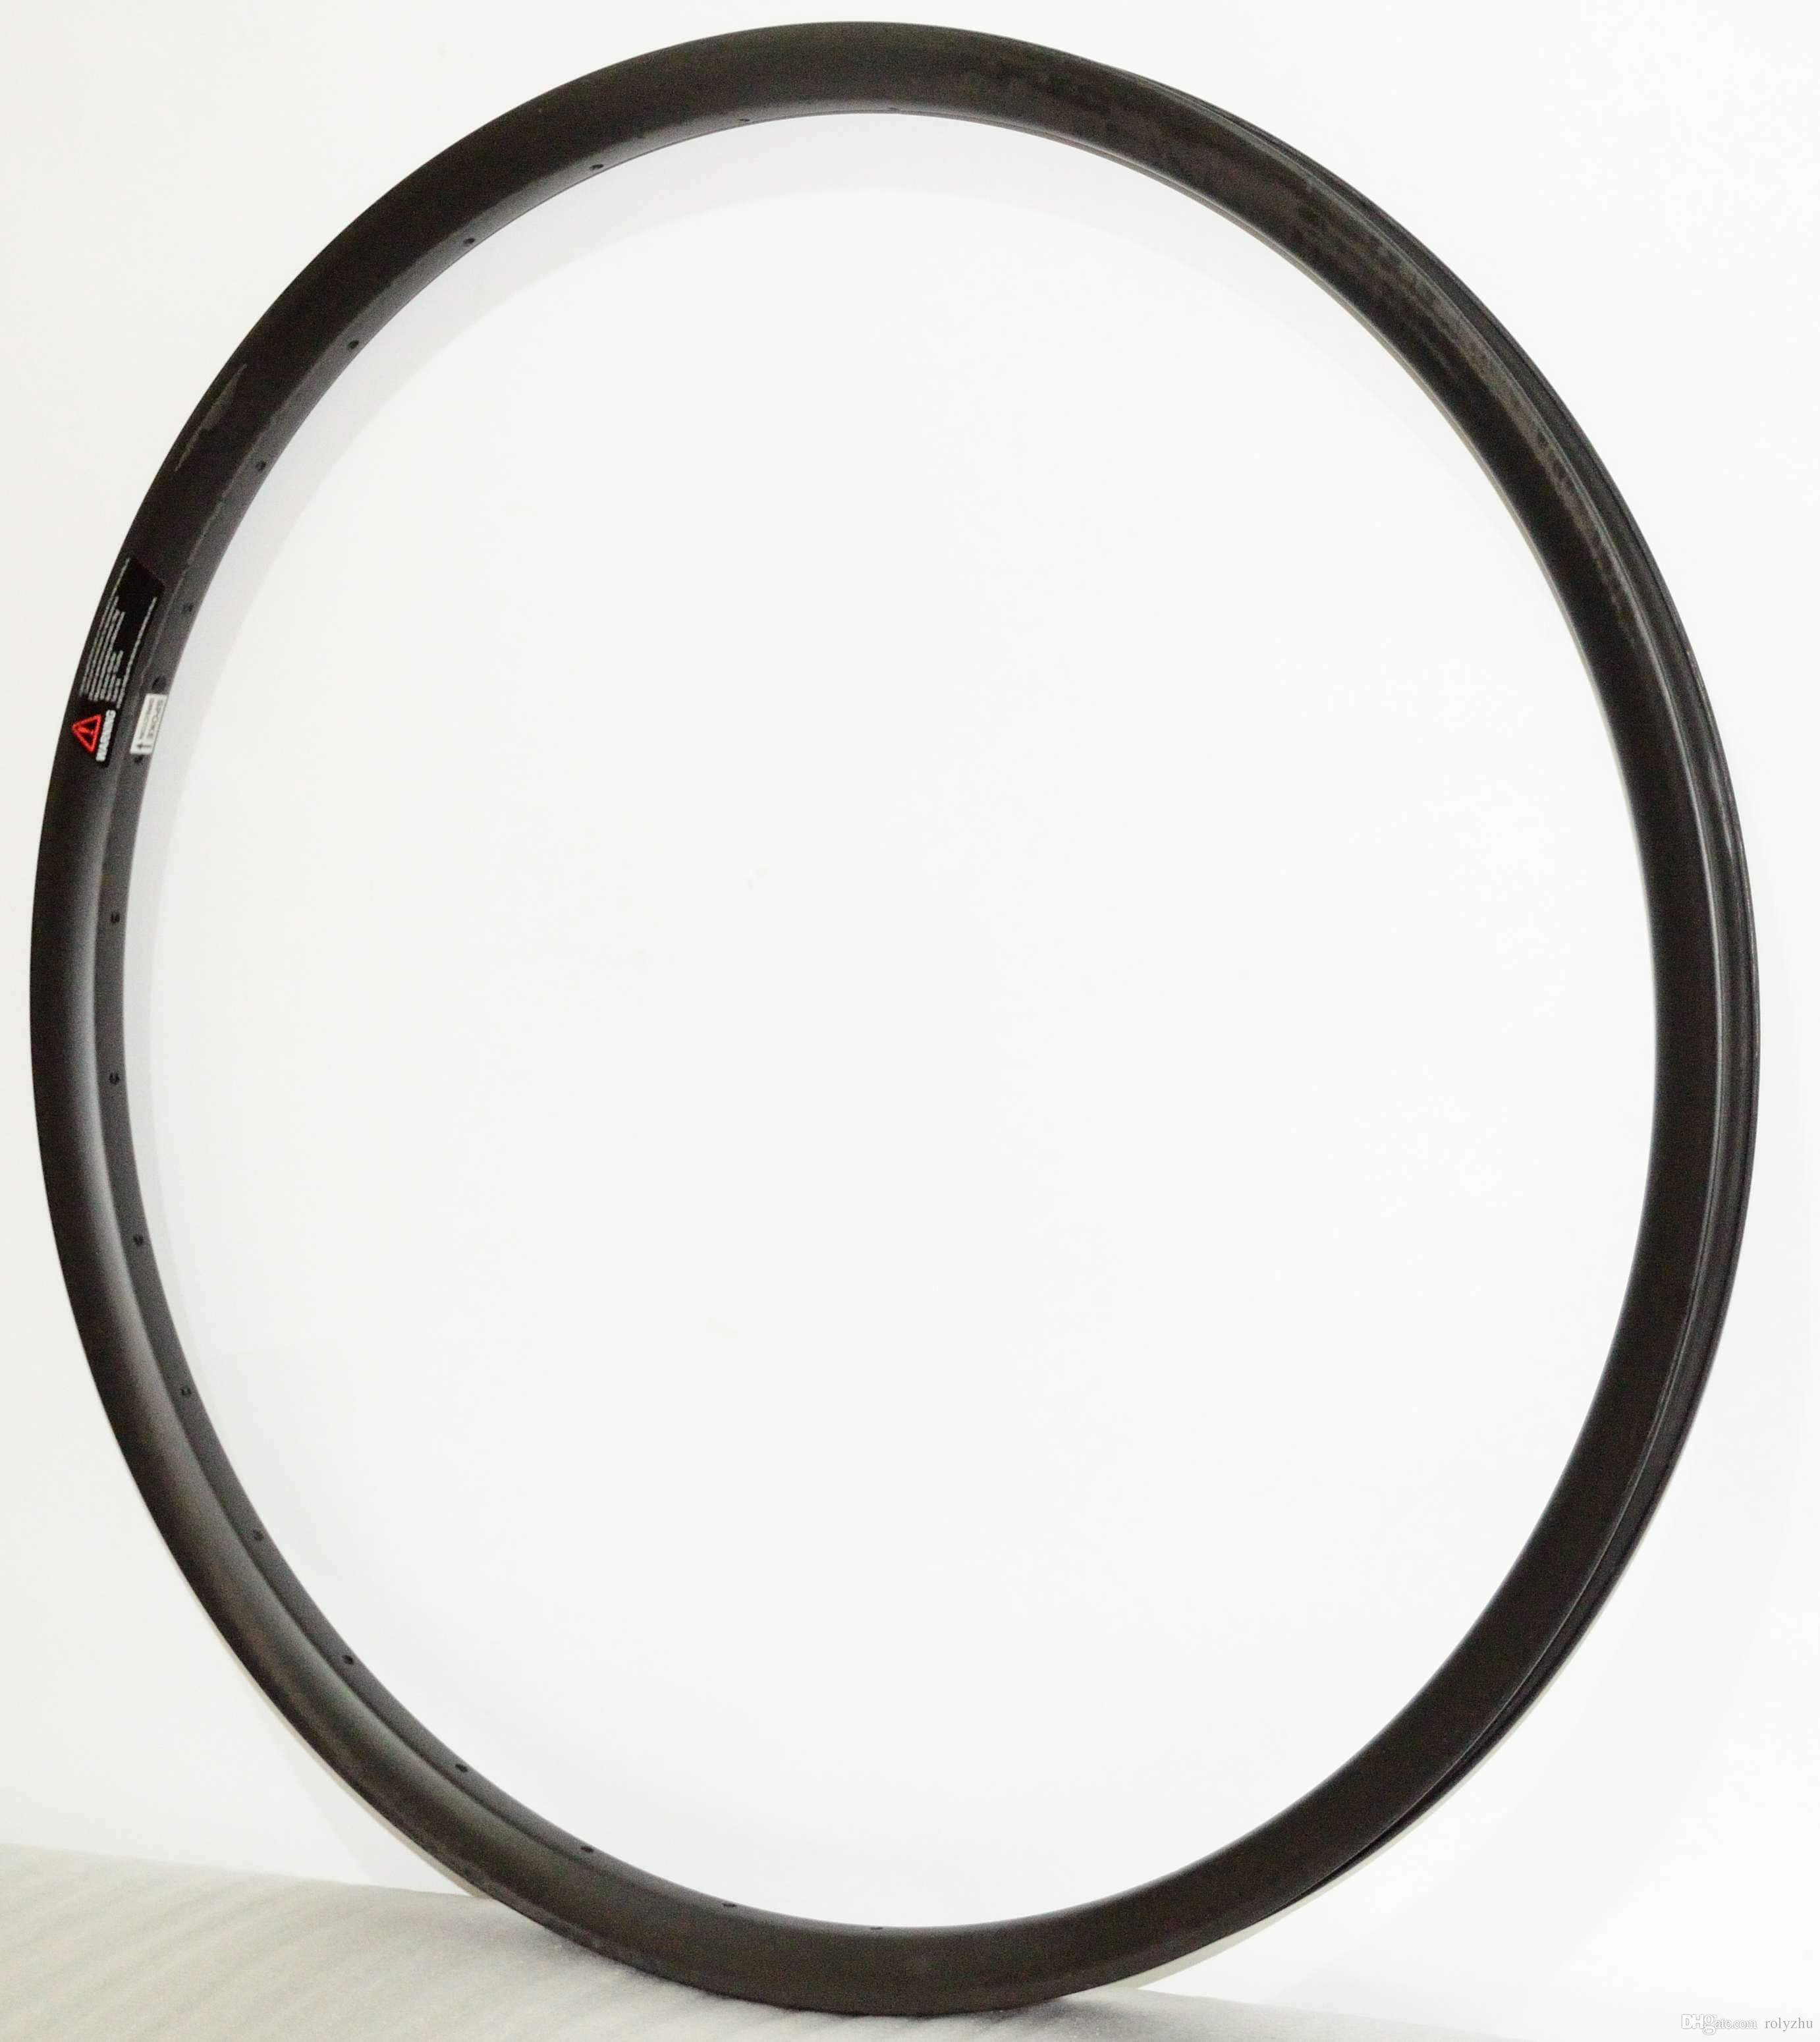 Frete grátis 27.5er rodas de carbono Hookless UD fosco Mountain Bike 27.5er mtb aros de carbono 35mm de largura 25mm profundidade 32 furos